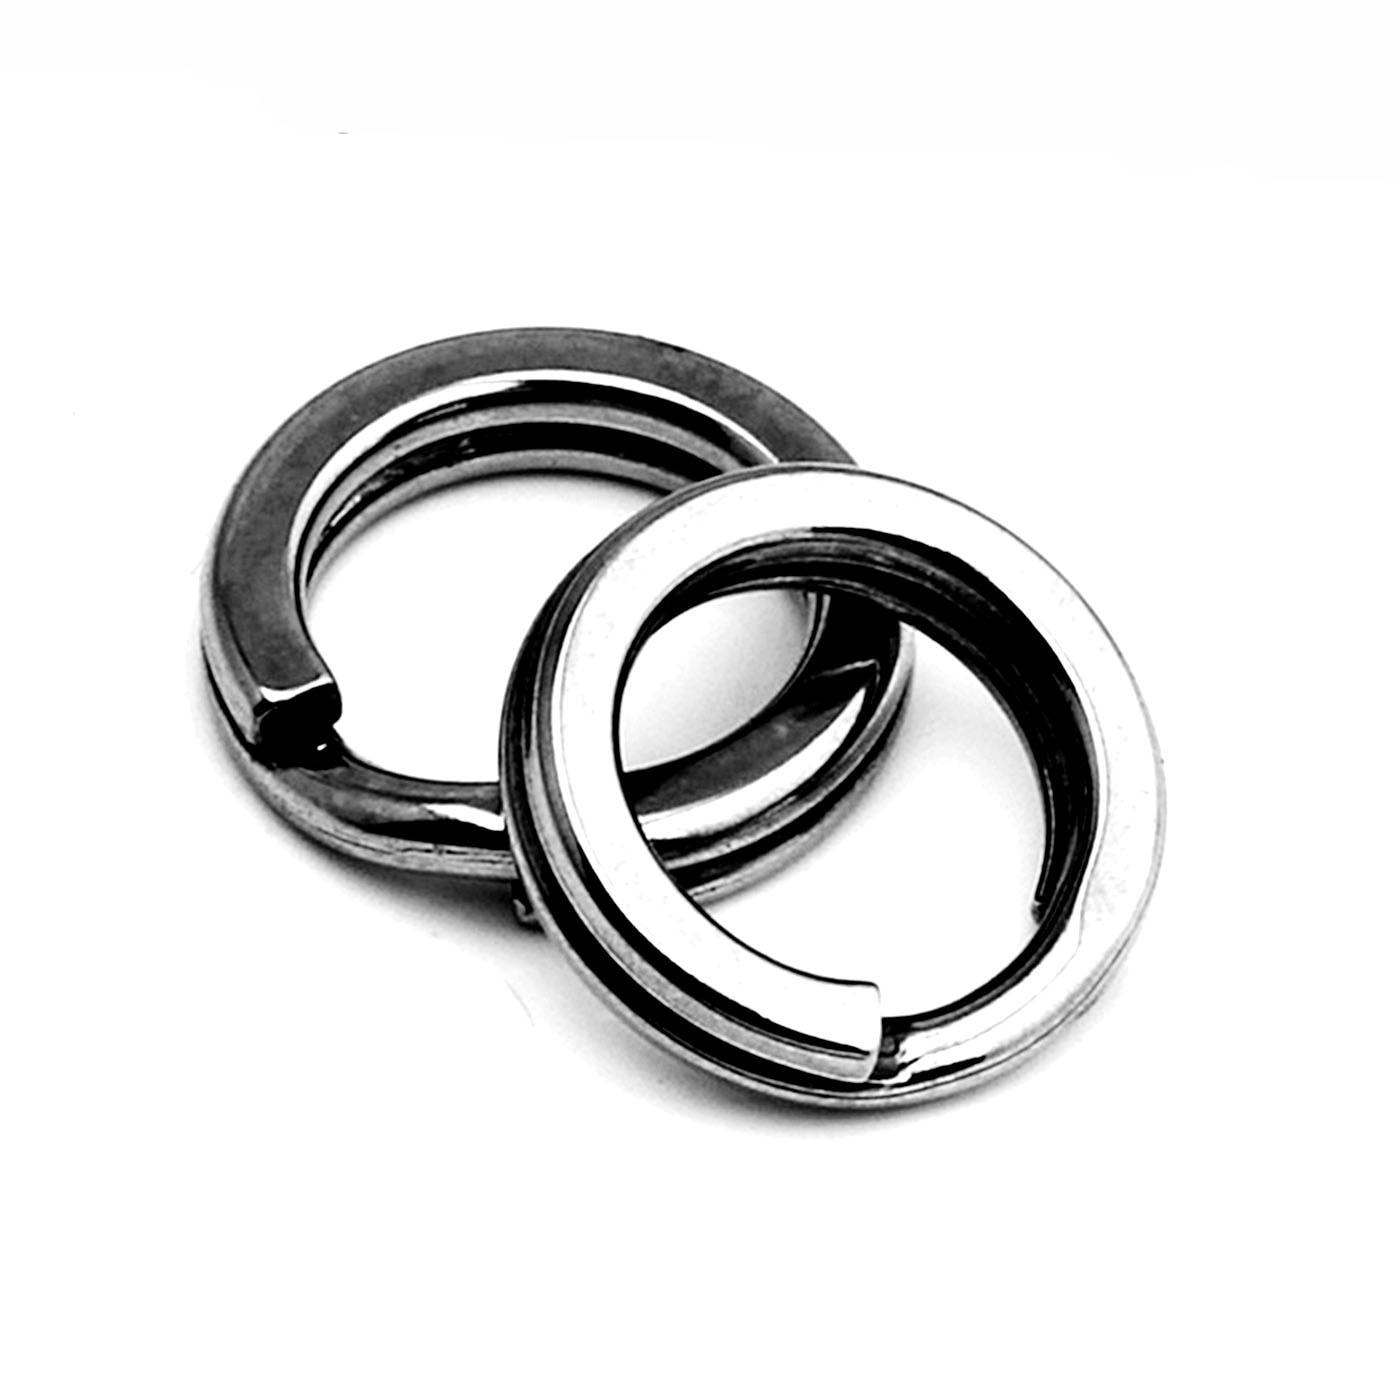 20pcs/lot Stainless Steel Hook 3 /4 /5 /6 /7 Double Loop Split Tool Split Rings AccessoriesCarp Gear Swivel Lure Baits